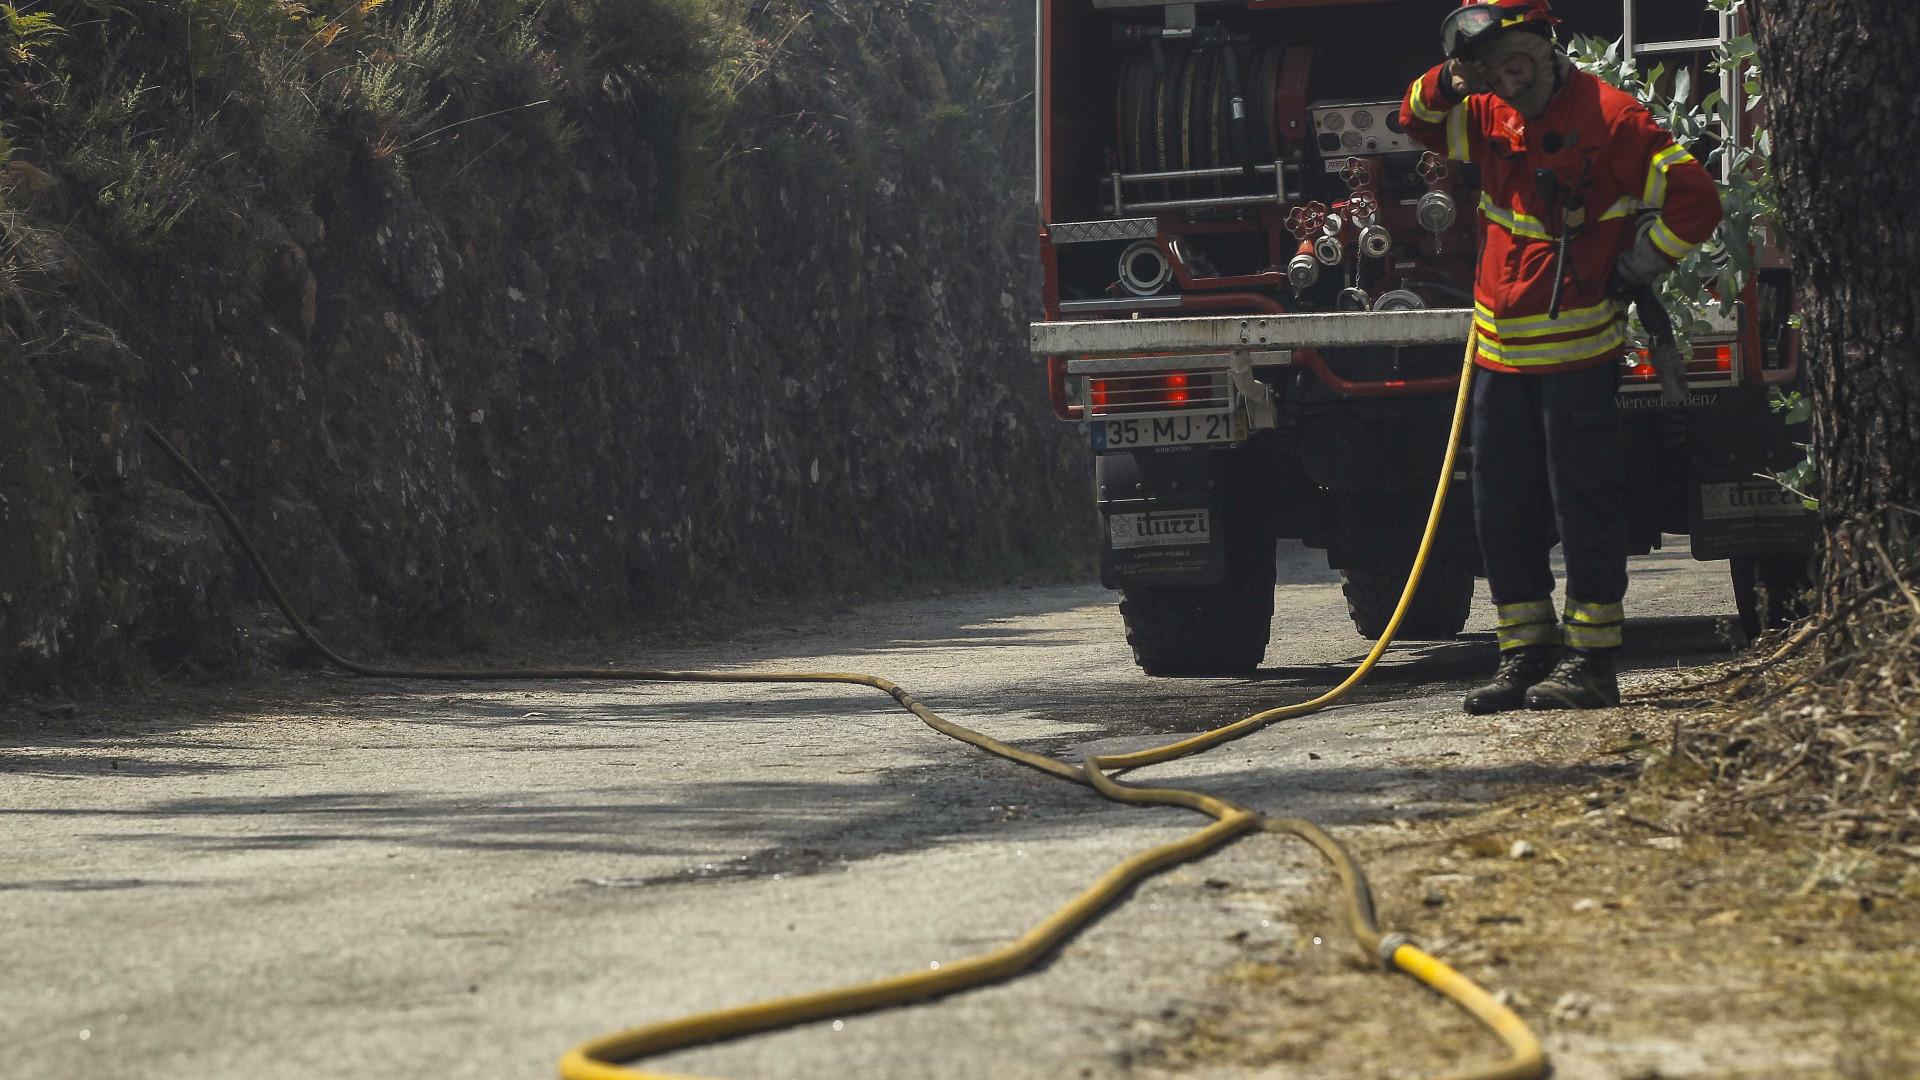 Incêndio em Barcelos lavra com intensidade, estação de serviço ameaçada